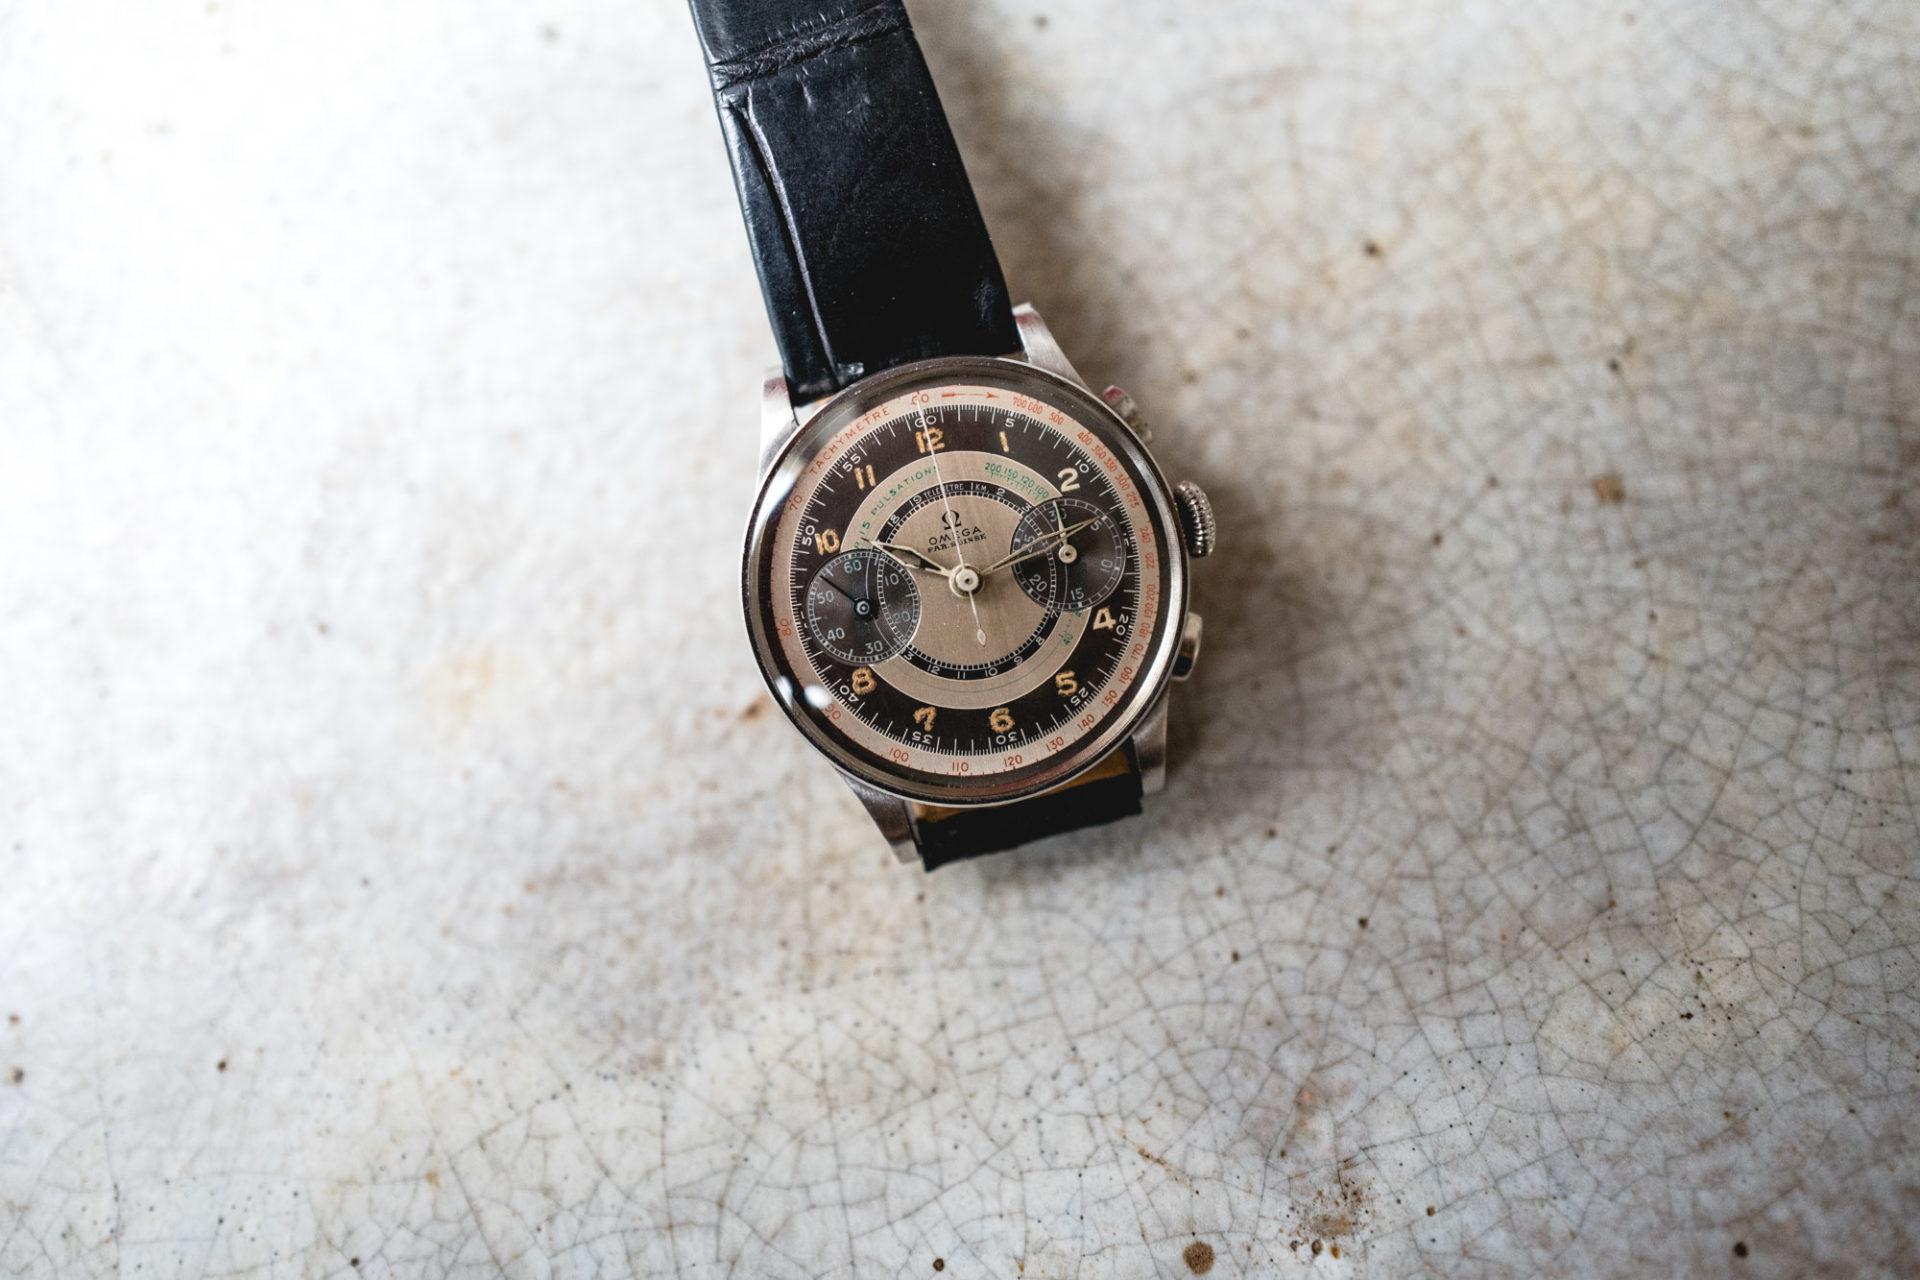 Tajan - Vente de montres du 11 décembre -Omega Chronographe CK 987